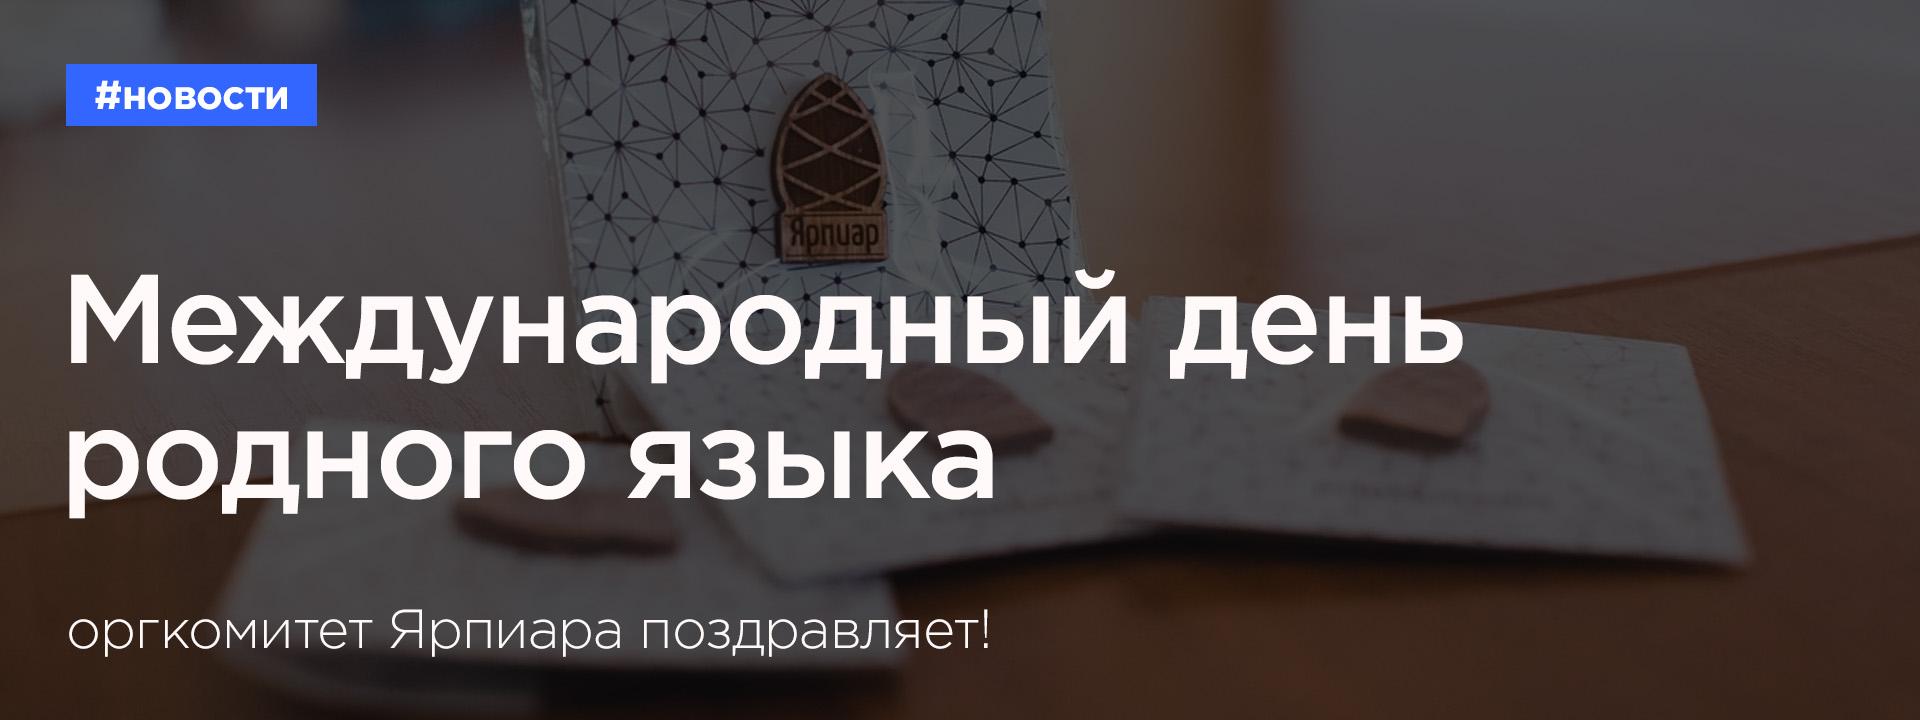 Den_rodnogo_yazyka